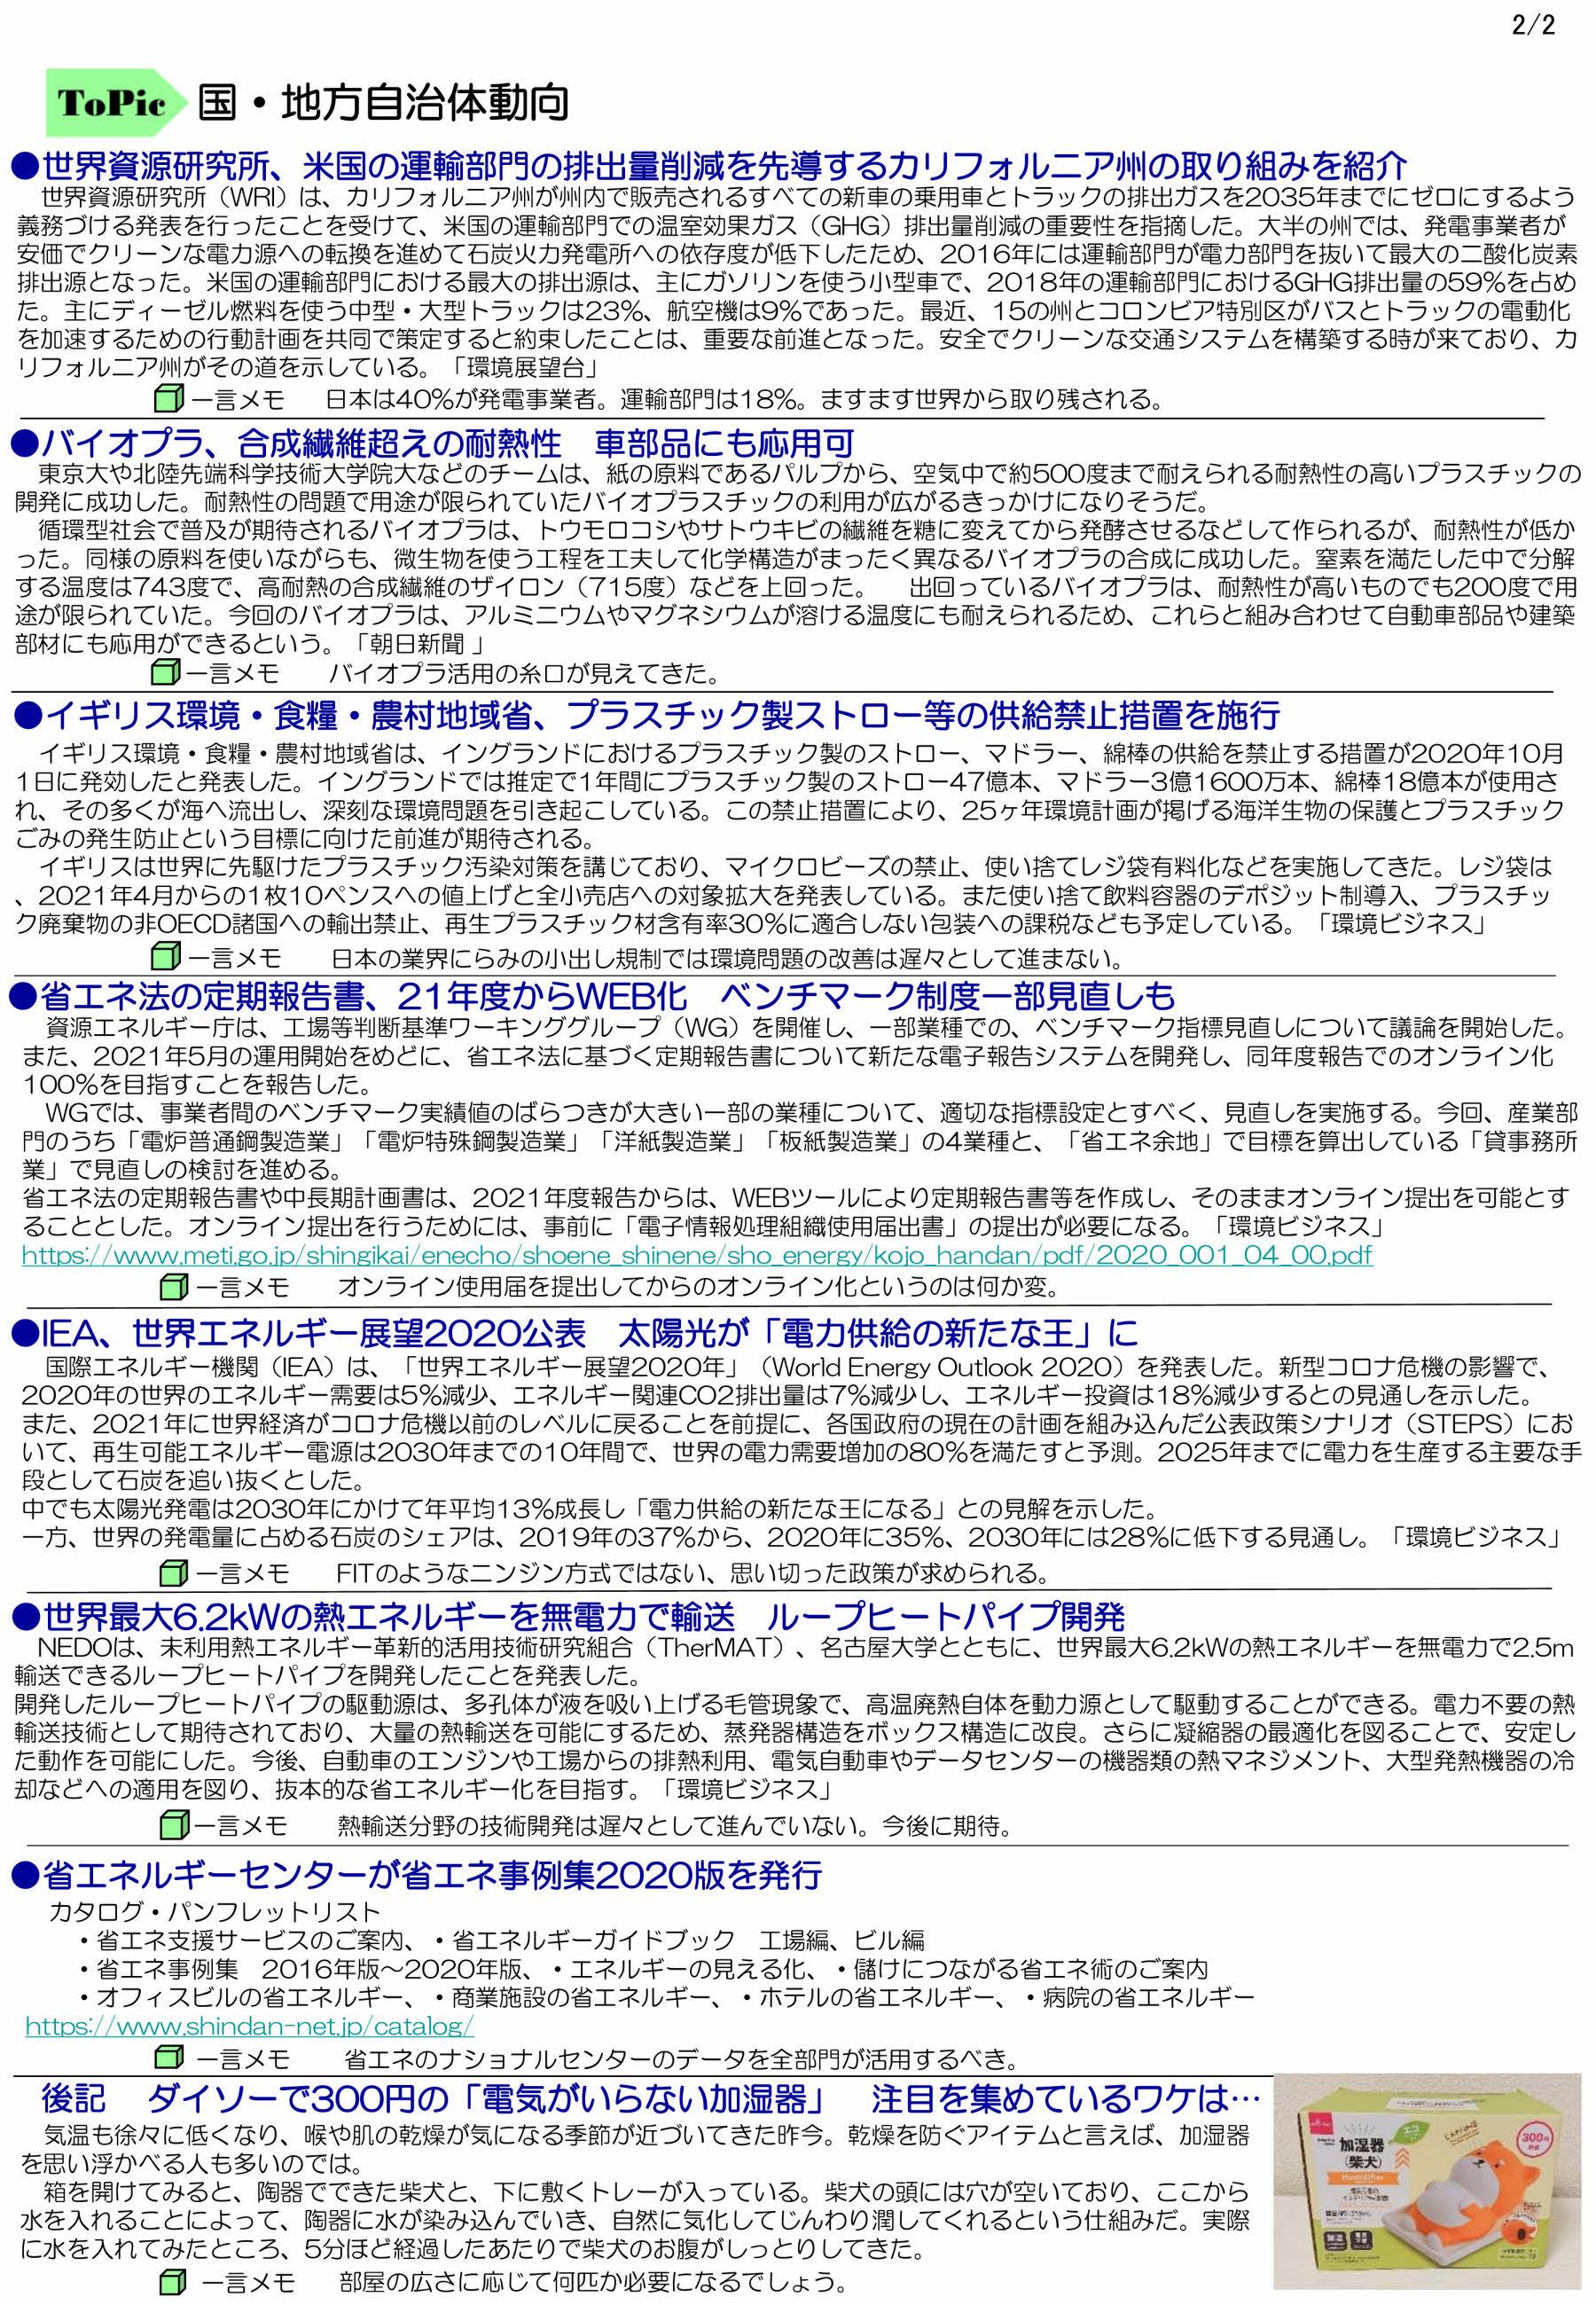 資源エネレポート -N0.79-